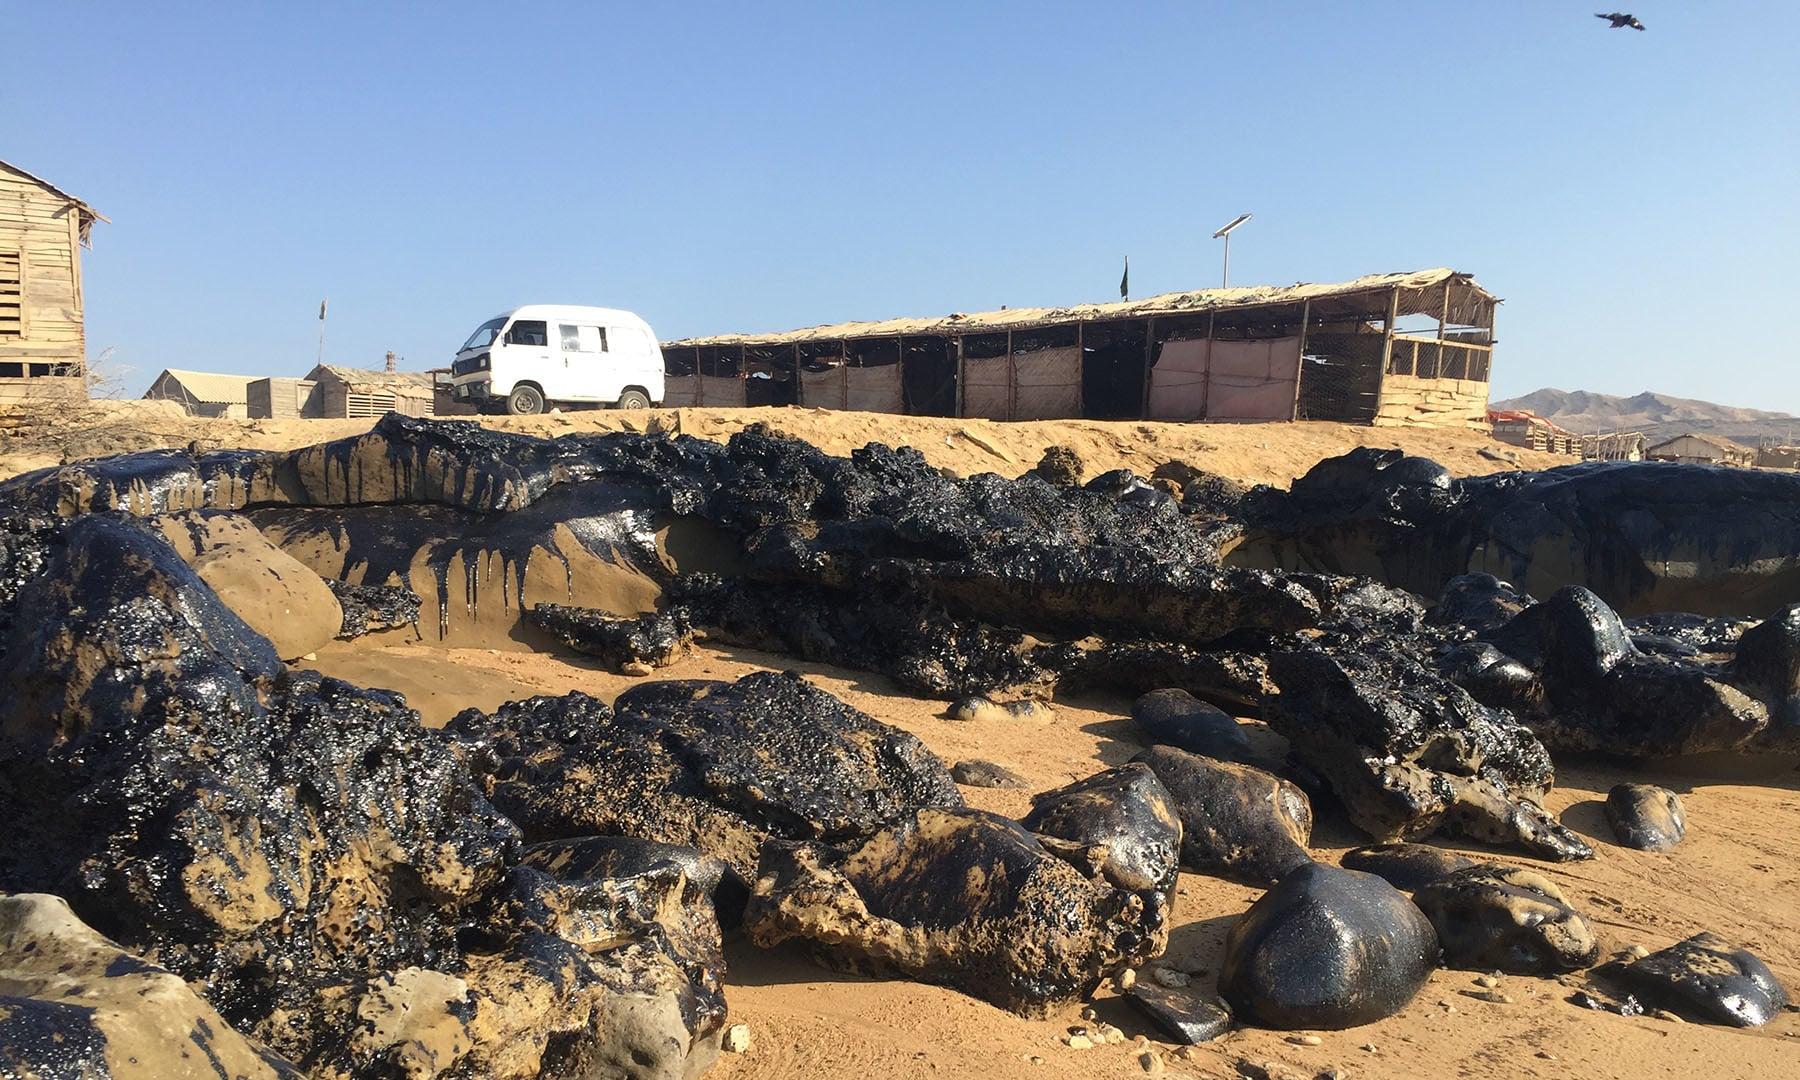 مبارک گوٹھ میں سمندر کے کنارے پر تیل بکھرا ہوا پڑا ہے۔— فوٹو سعید الاسلام